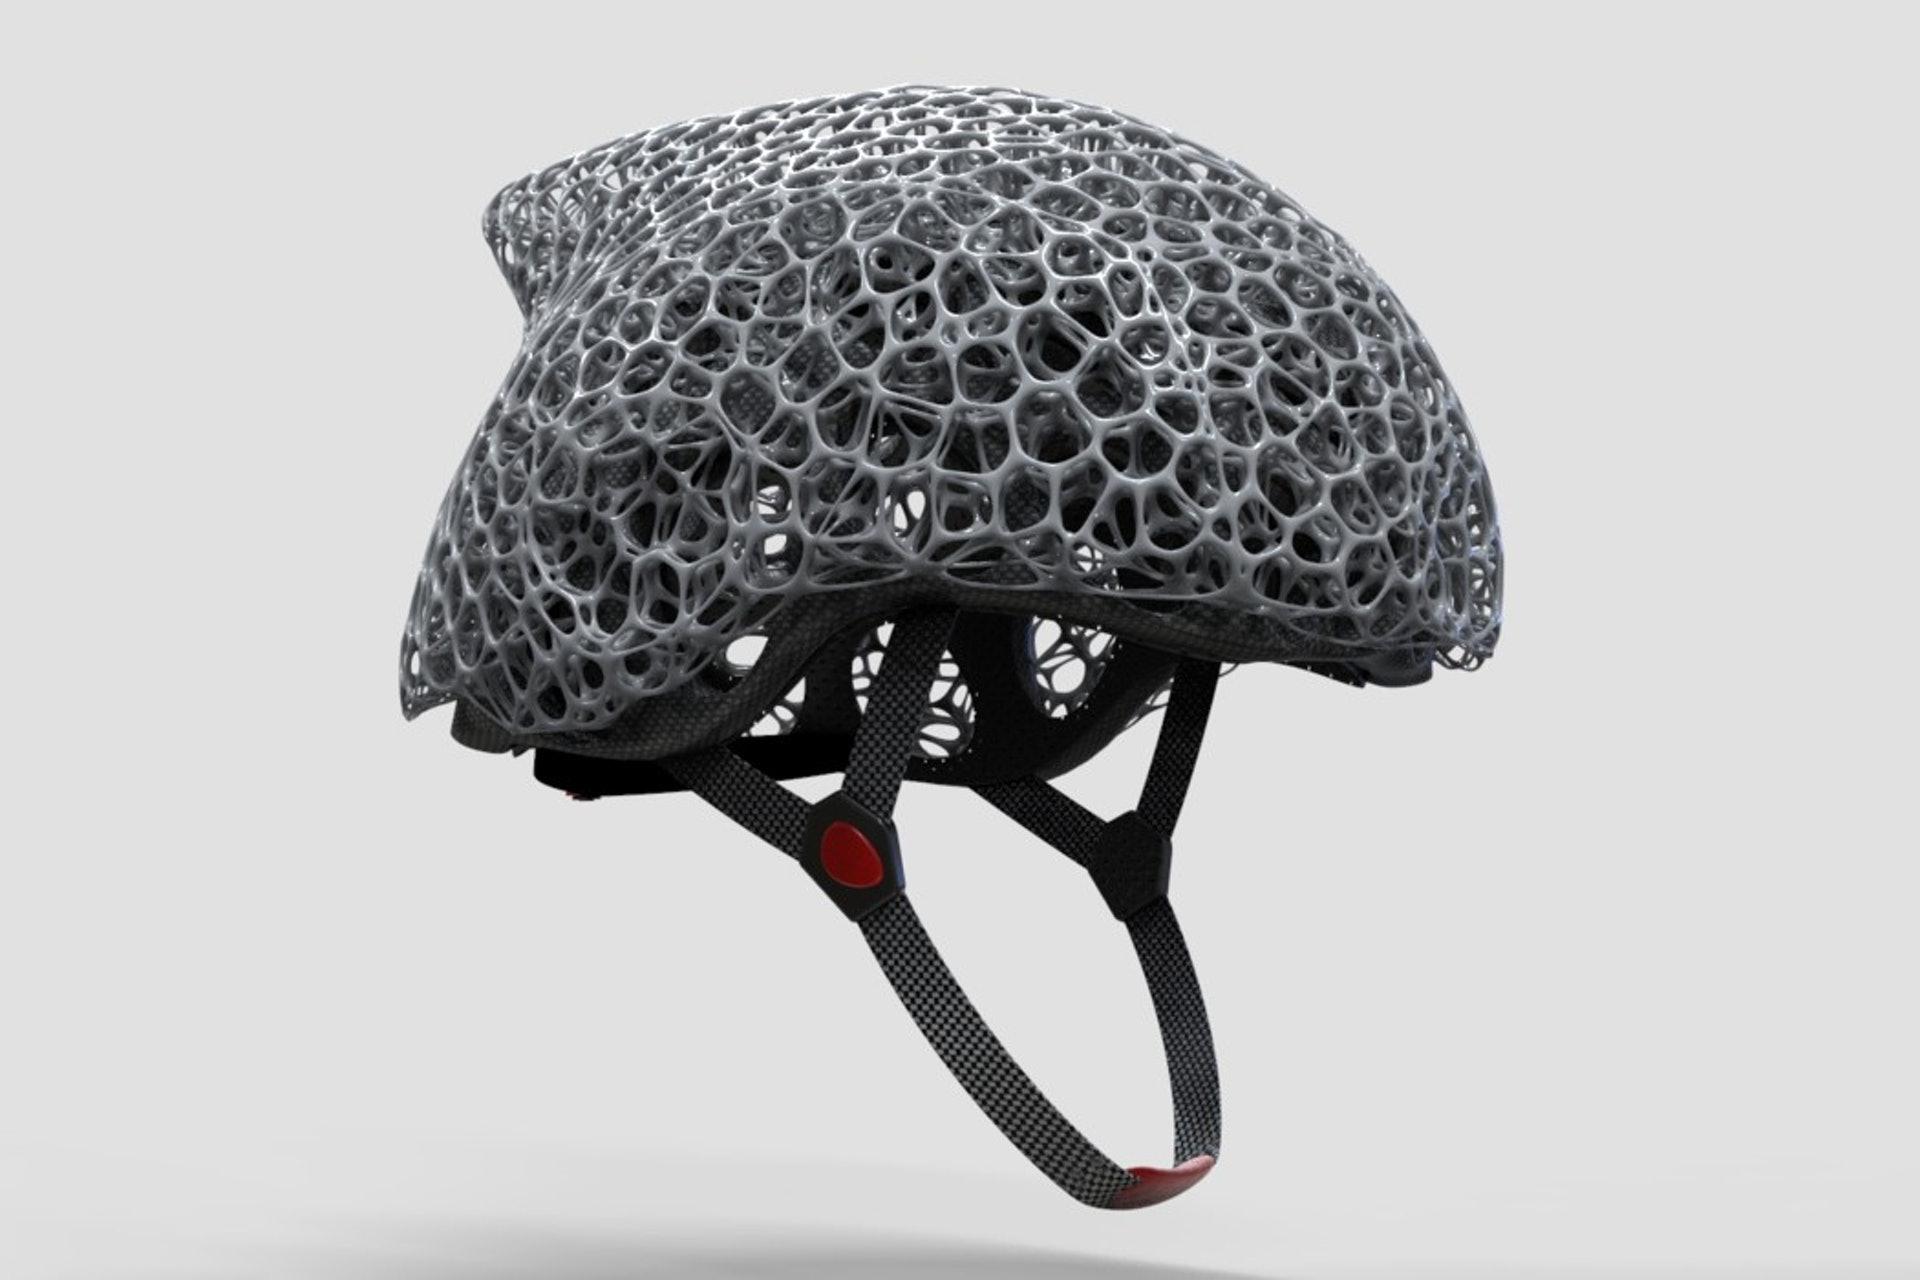 彷生物的頭盔外殼。(網上圖片)